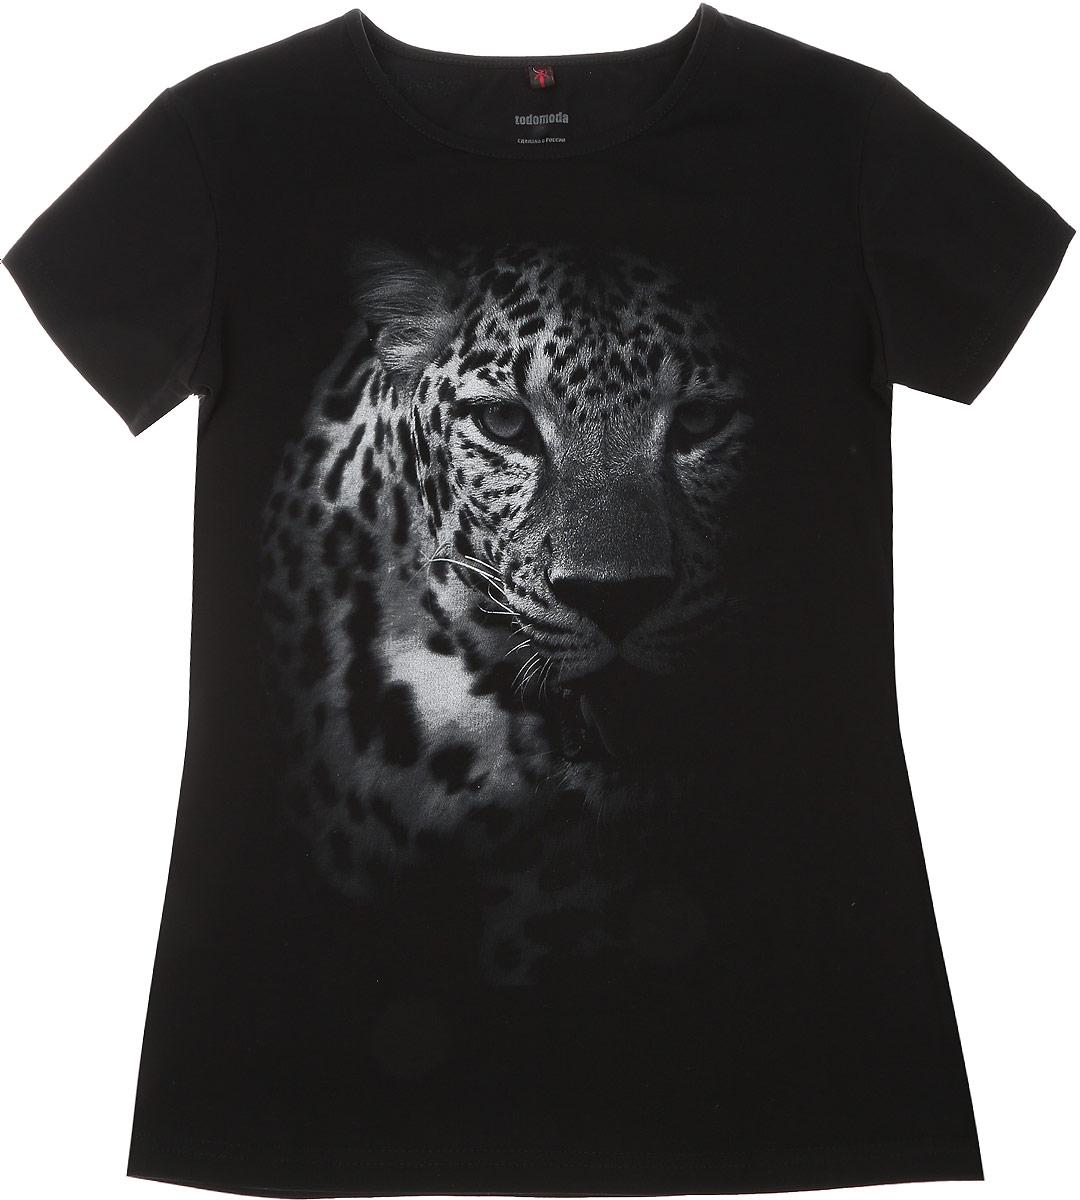 Футболка01169_ЛеопардЖенская футболка Todomoda Леопард, изготовленная из эластичного хлопка, тактильно приятная и не сковывает движений. Модель с круглым вырезом горловины и короткими рукавами оформлена спереди изображением леопарда. Прекрасный подарок для себя и для подруги.